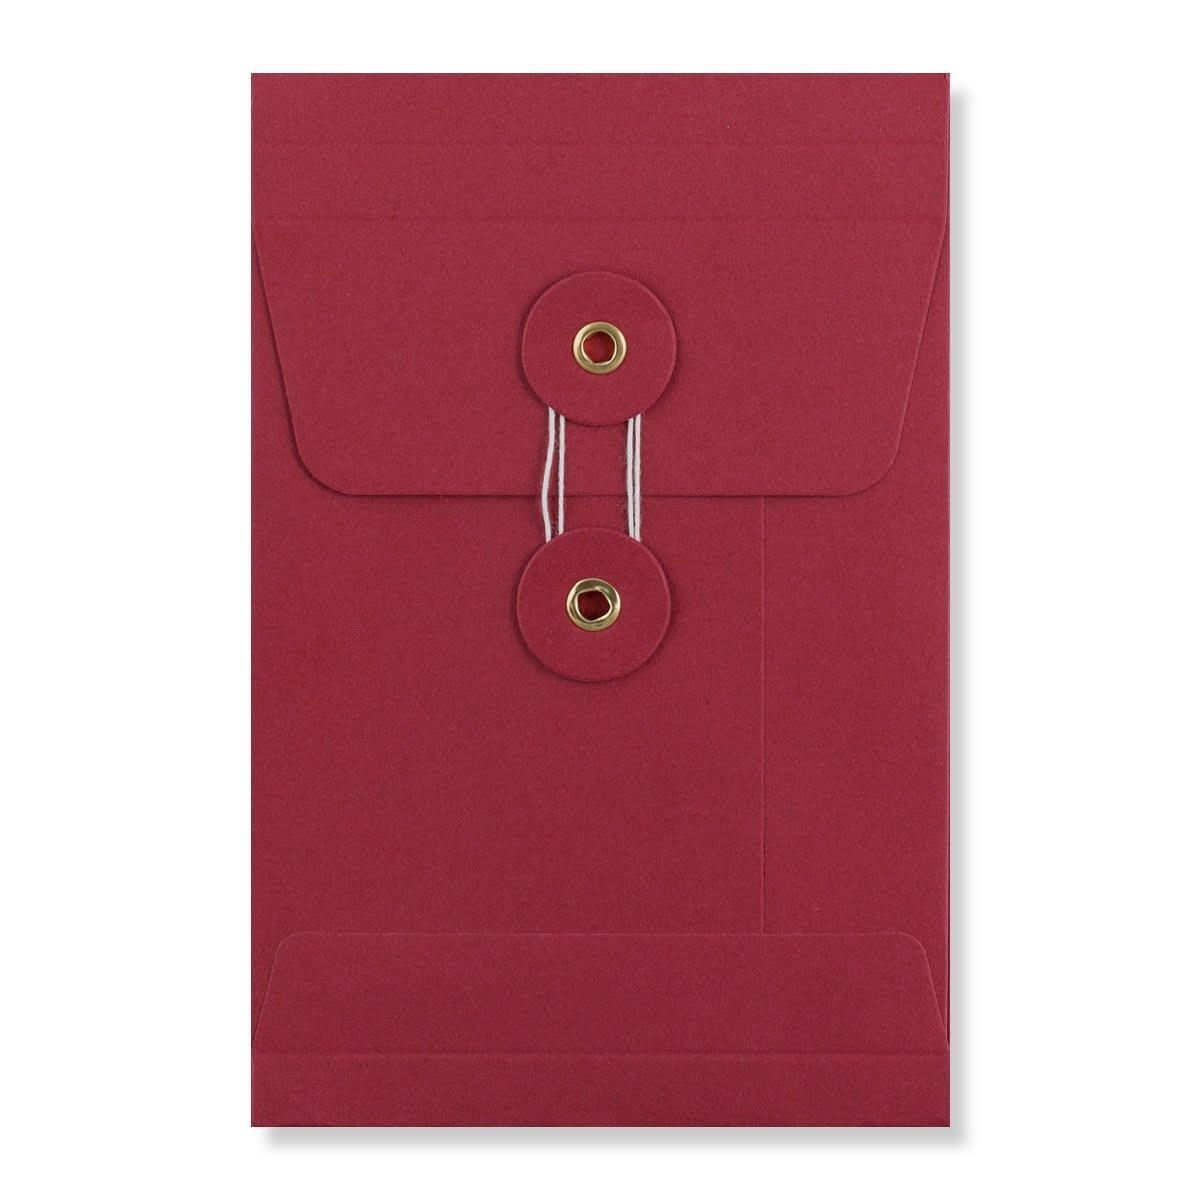 C6 RED GUSSET STRING & WASHER ENVELOPES 180GSM